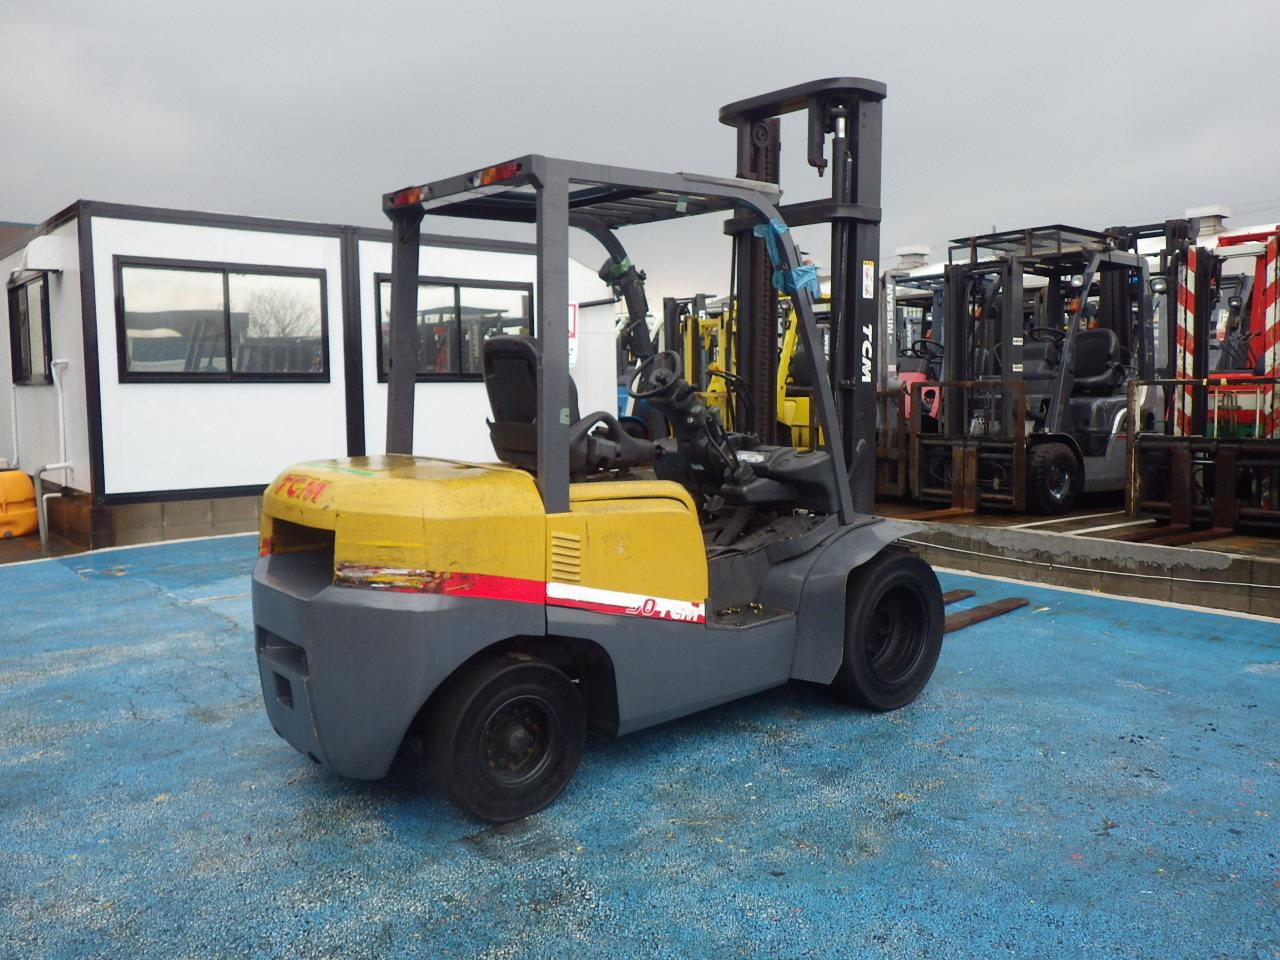 Xe nâng động cơ dầu cũ TCM 3 tấn nâng cao 4 mét đời 2010 với,Bộ Số cơ khí, Kích thước càng dài:1,520 dễ dàng vận hành với những hàng hóa có kích thước dài